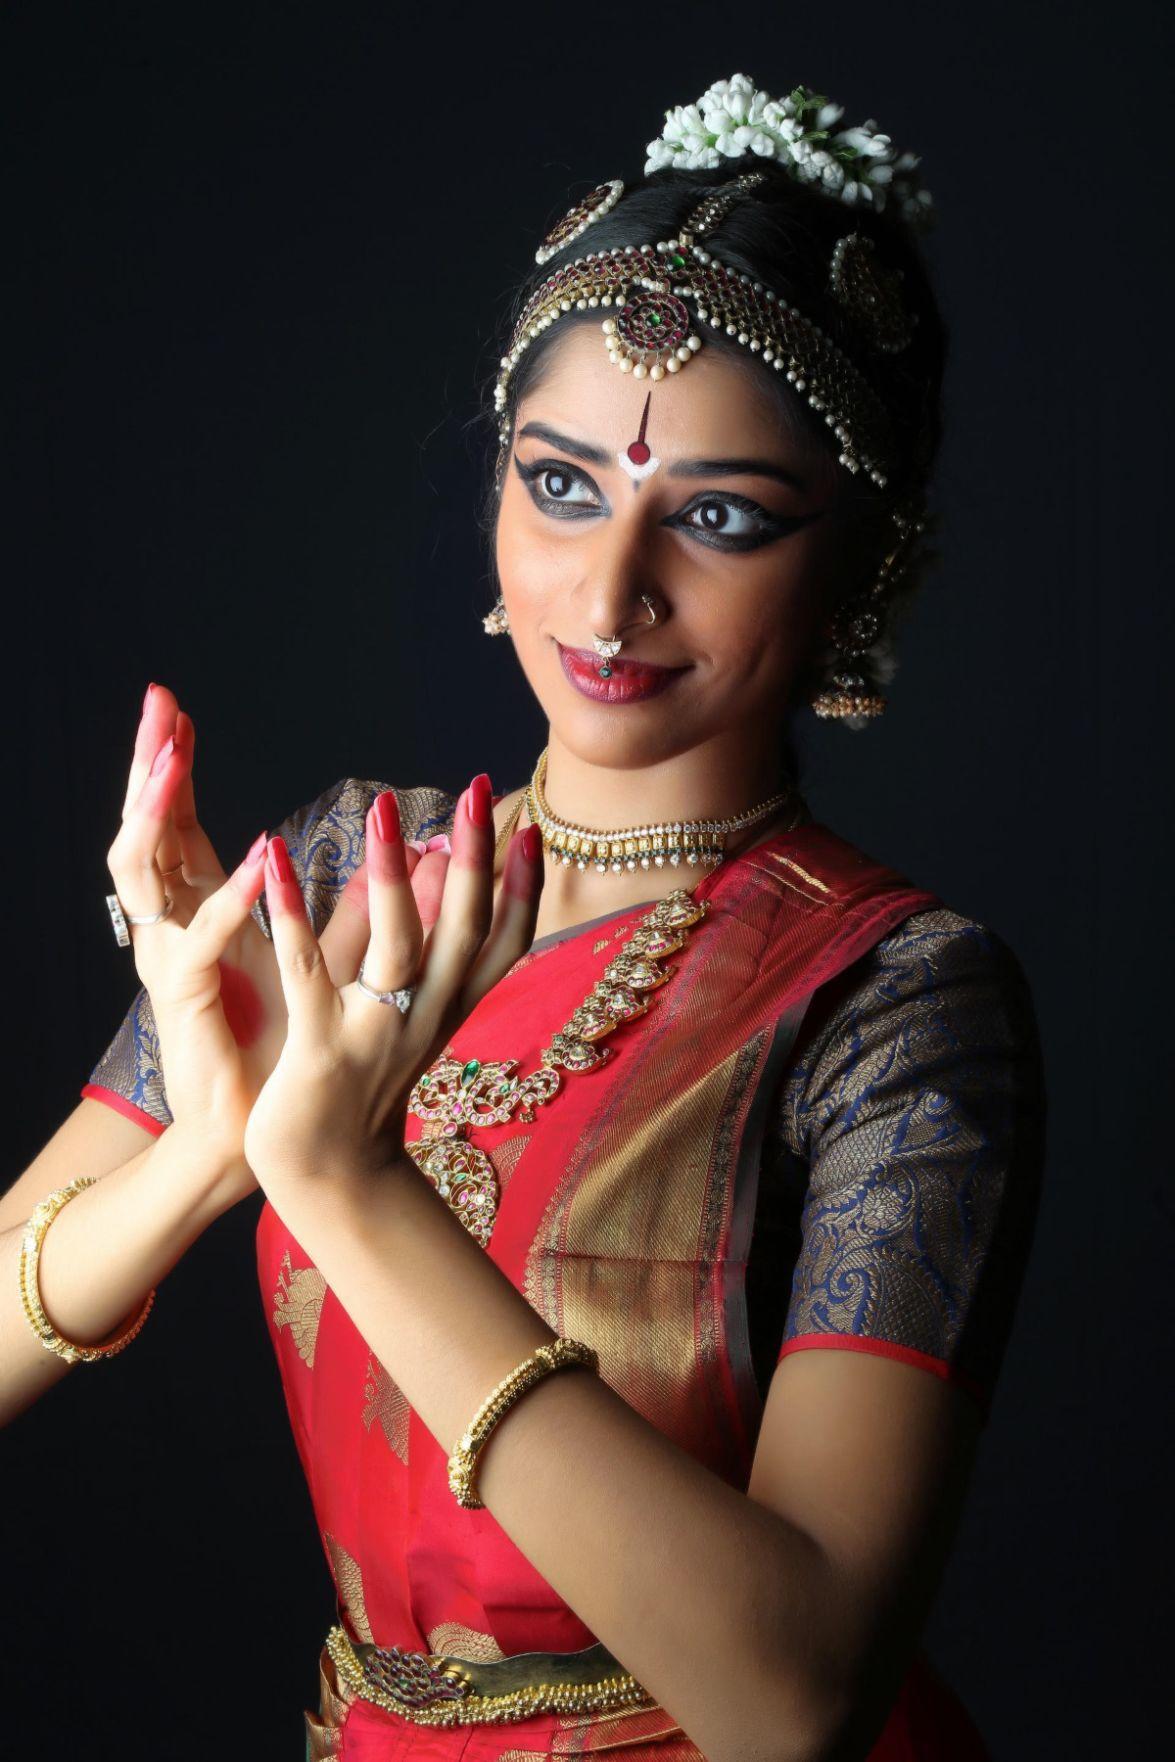 Sudharma Vaithiyanathan